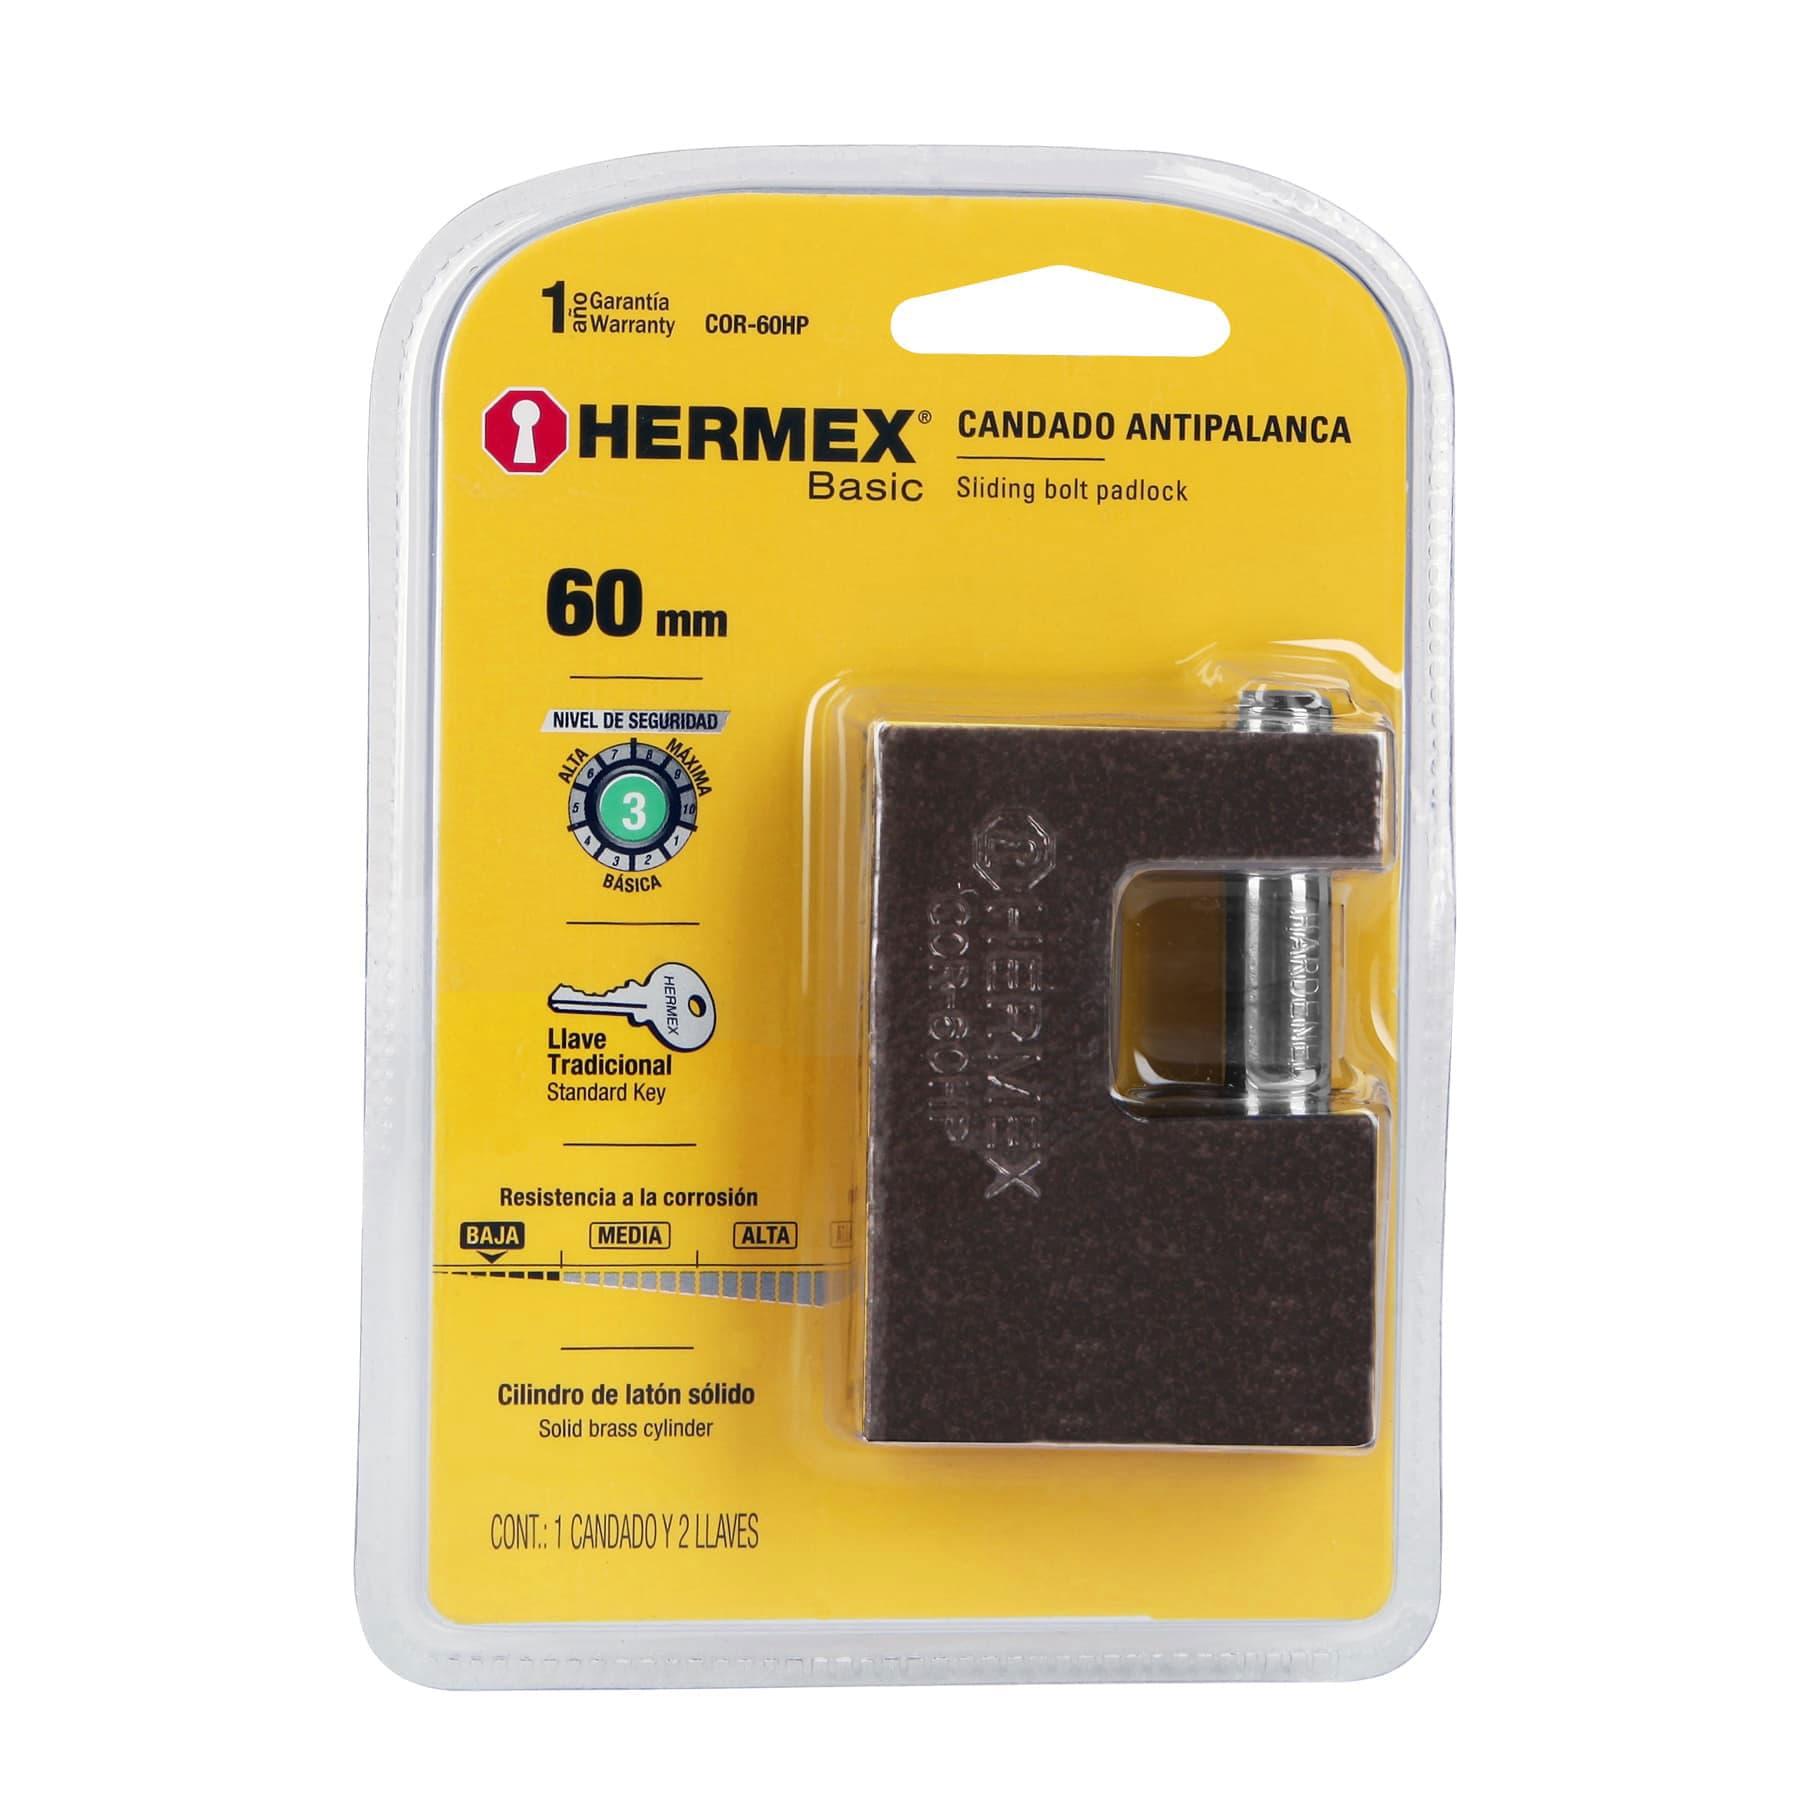 Hermex - Candado antipalanca, 60mm, cuerpo de hierro, Hermex Basic